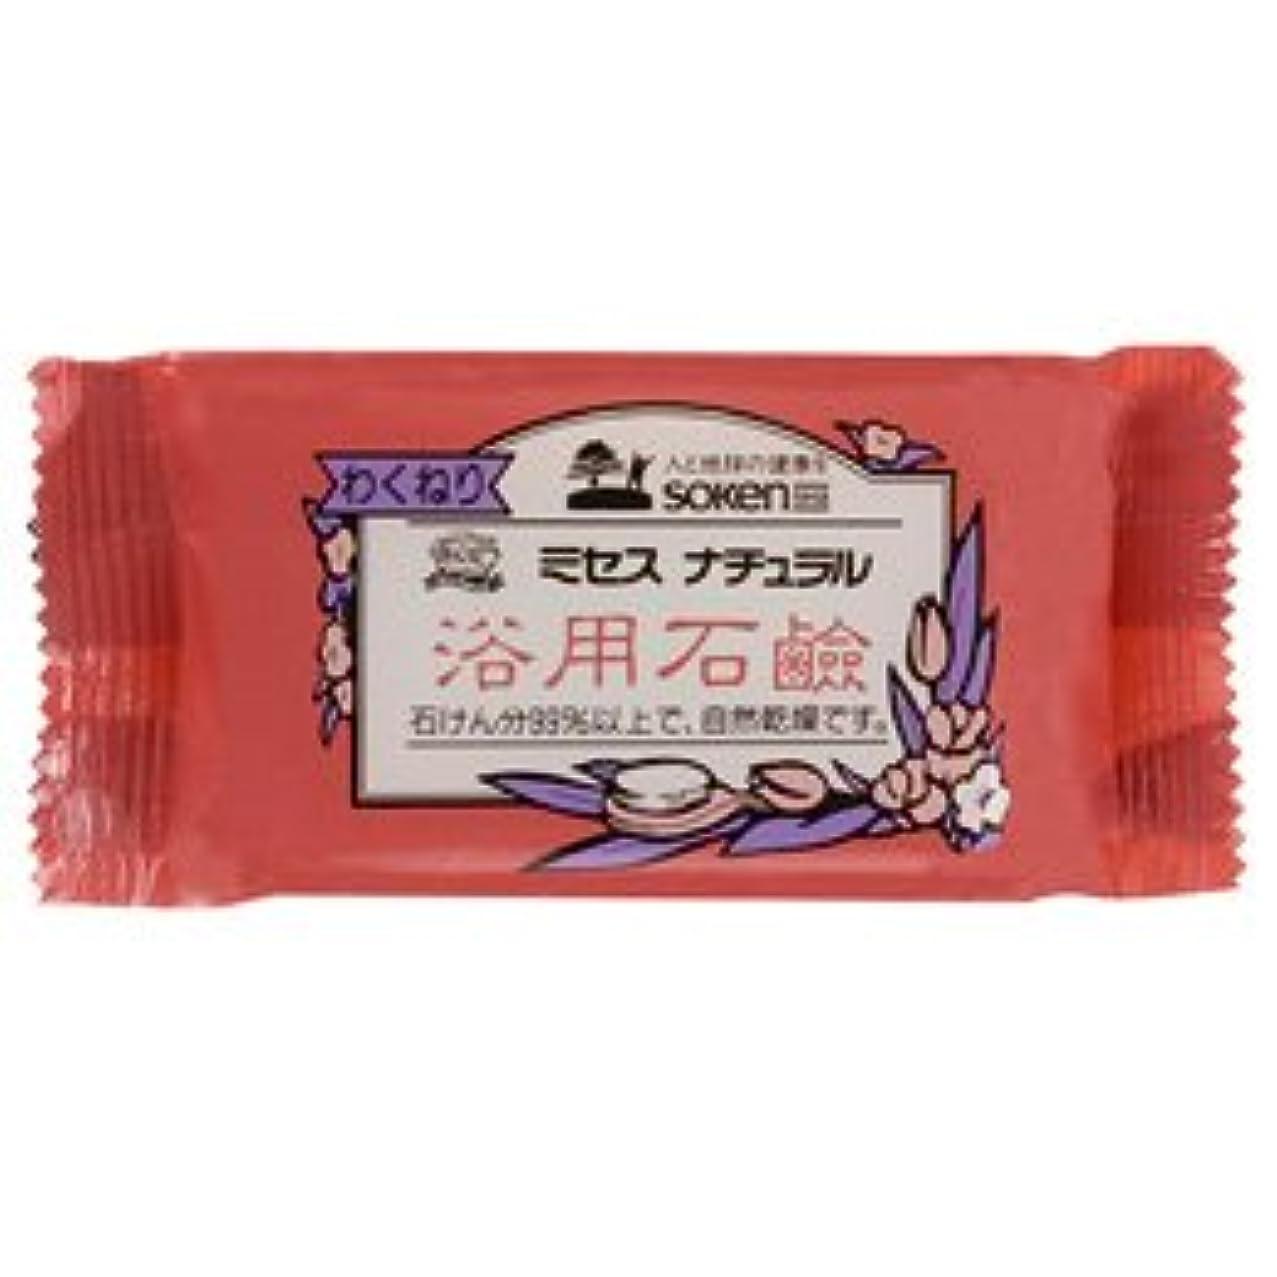 区画支援するネブ創健社 ミセスナチュラル 浴用石鹸 110g ケース(120個入)